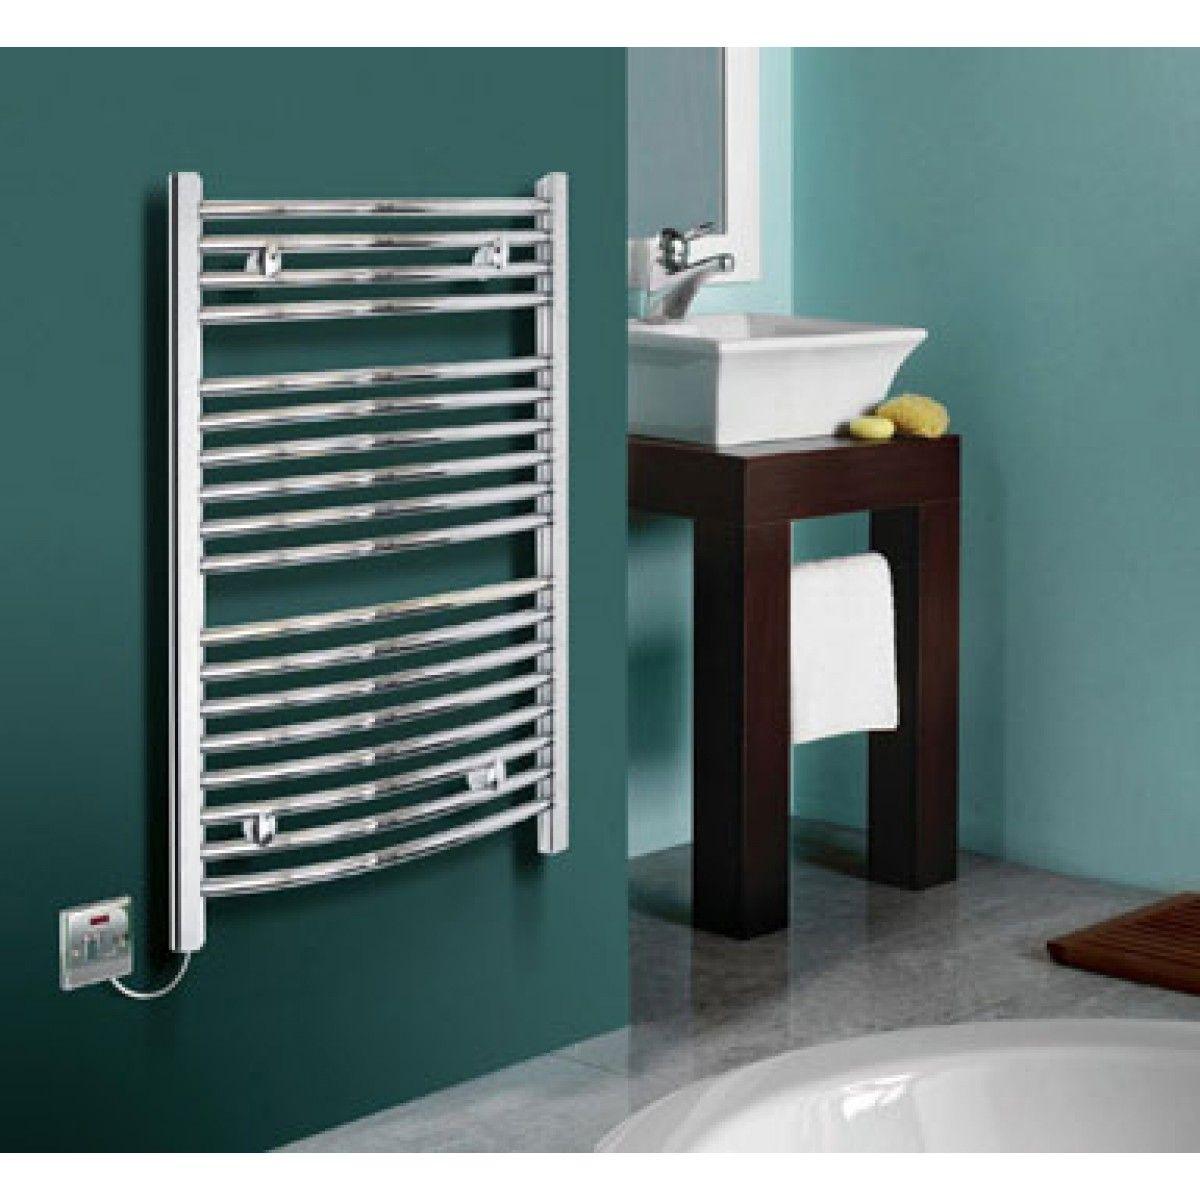 Dimplex Bathroom Heated Towel Rail | Bathroom Utensils | Pinterest ...